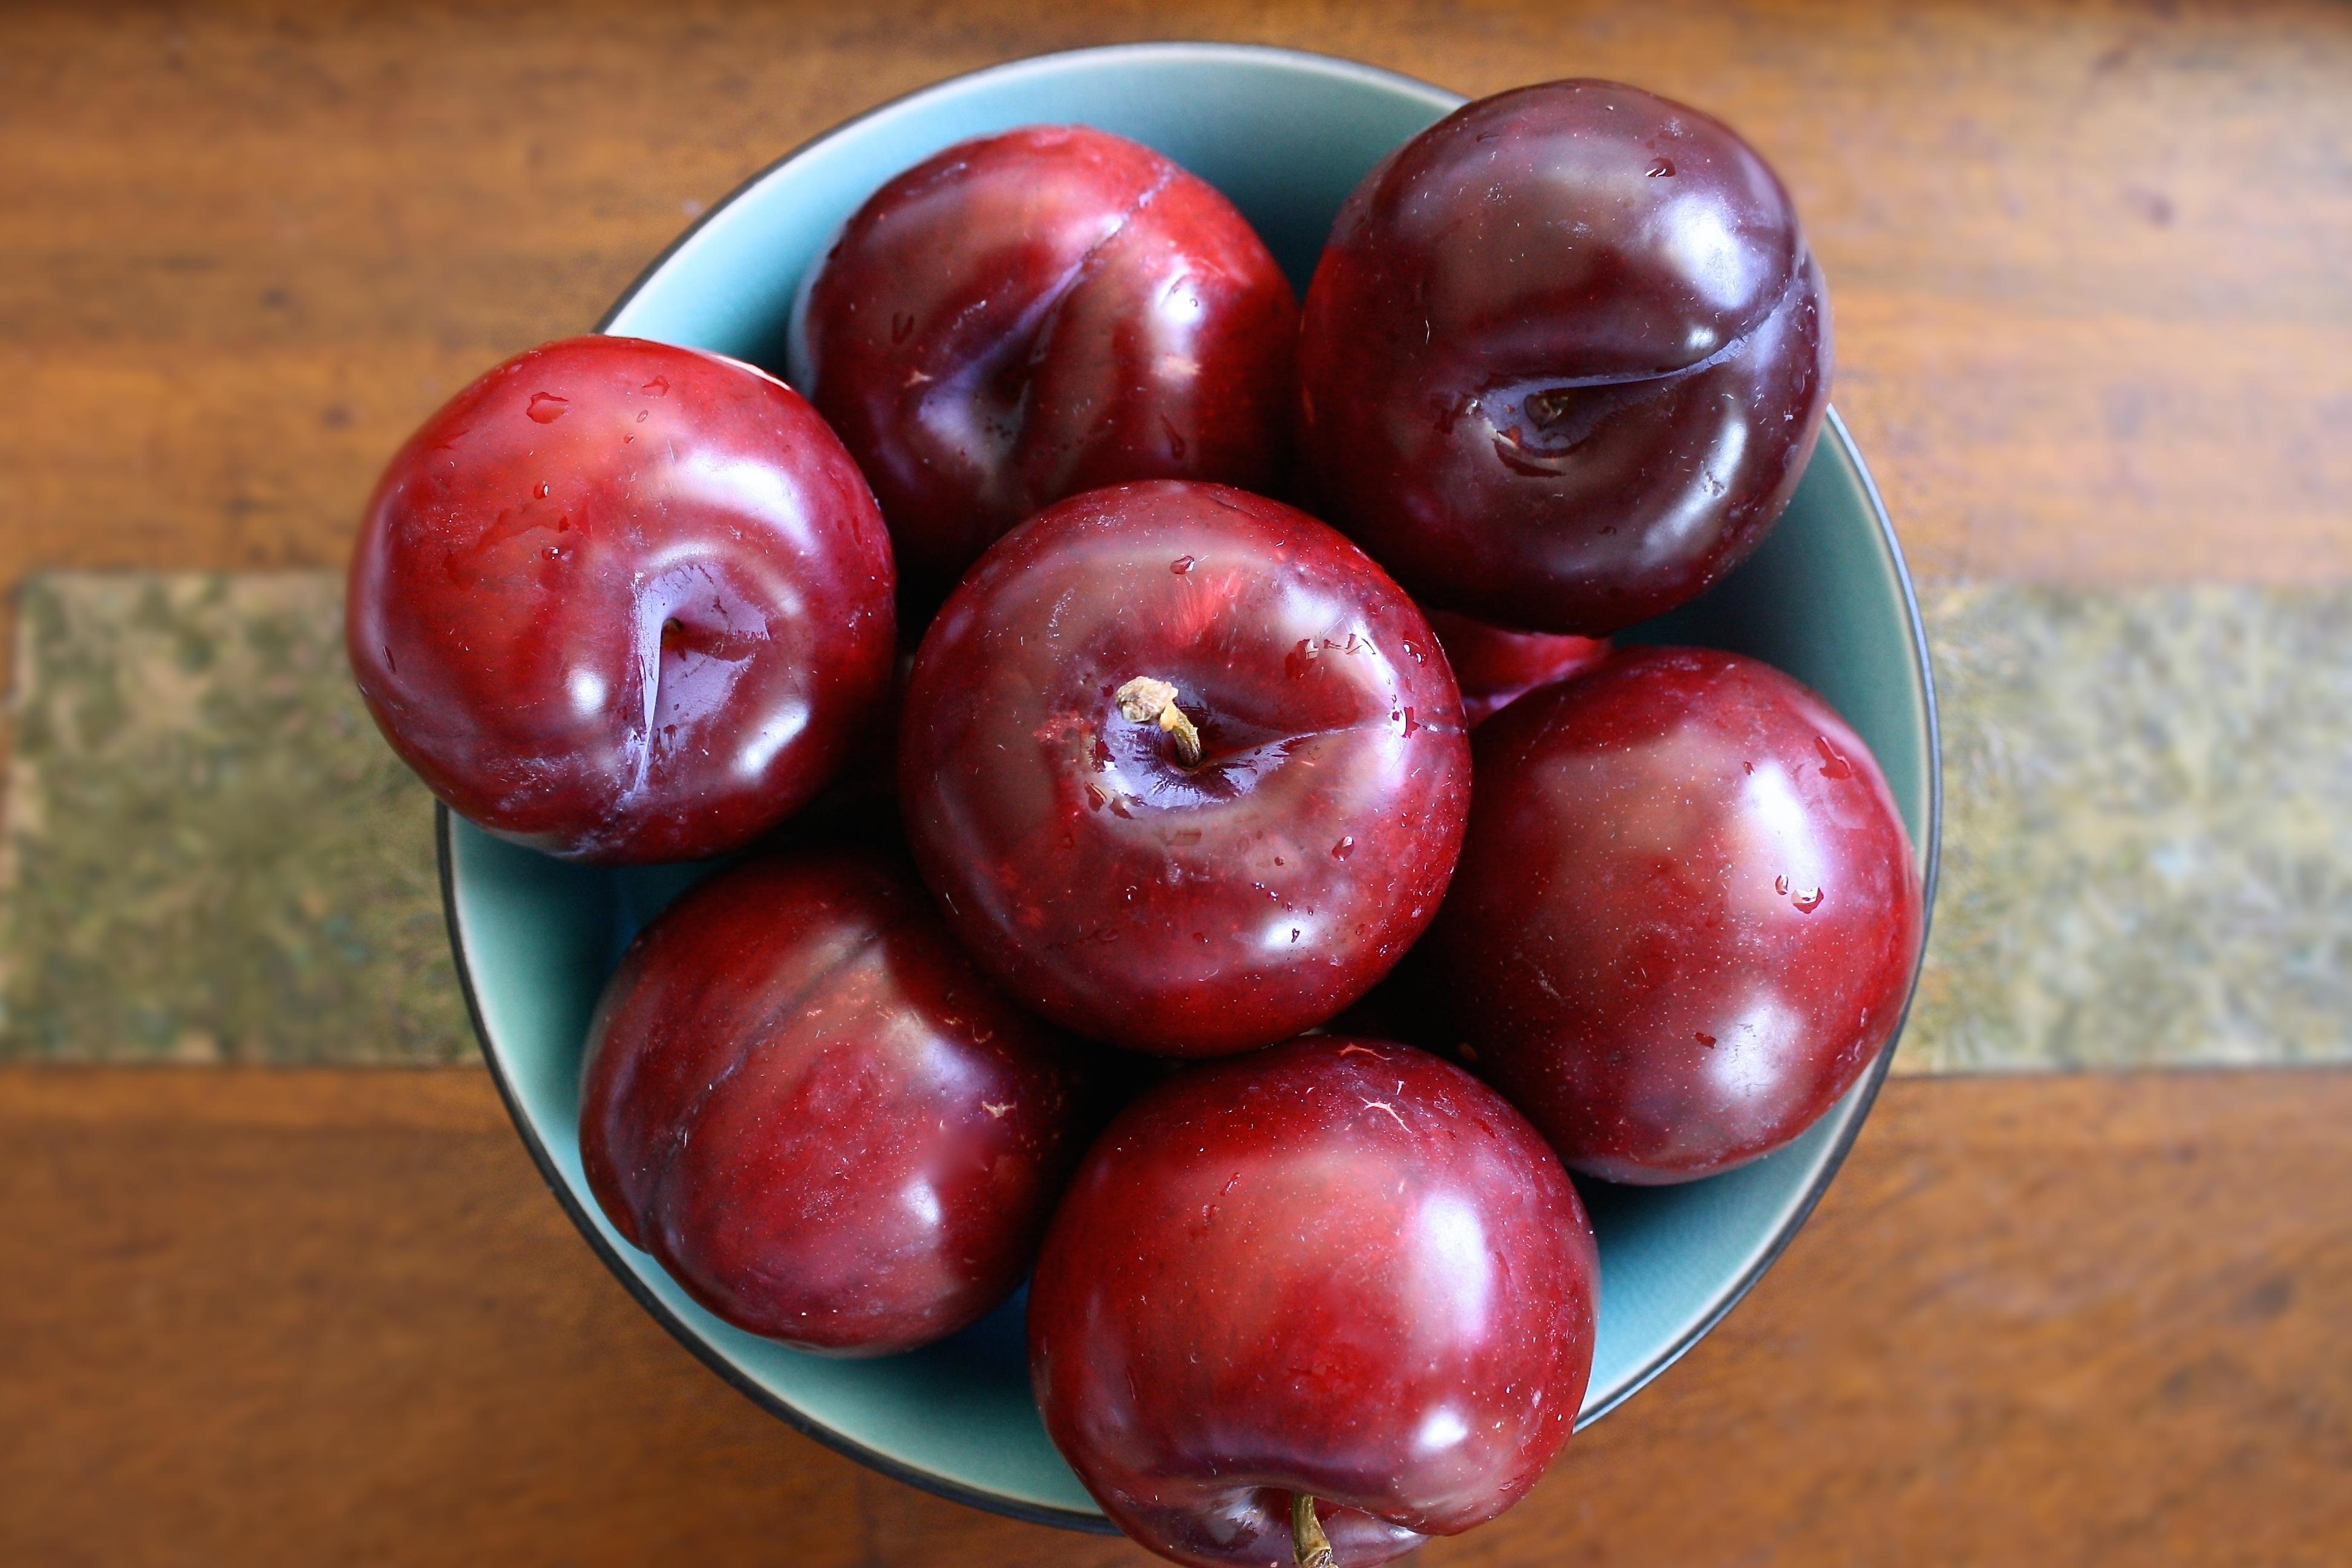 Darmowe Zdjęcia Natura drewno owoc Słodkie lato dojrzały miska jedzenie czerwony produkować świeży rolnictwo śniadanie zdrowy przekąska